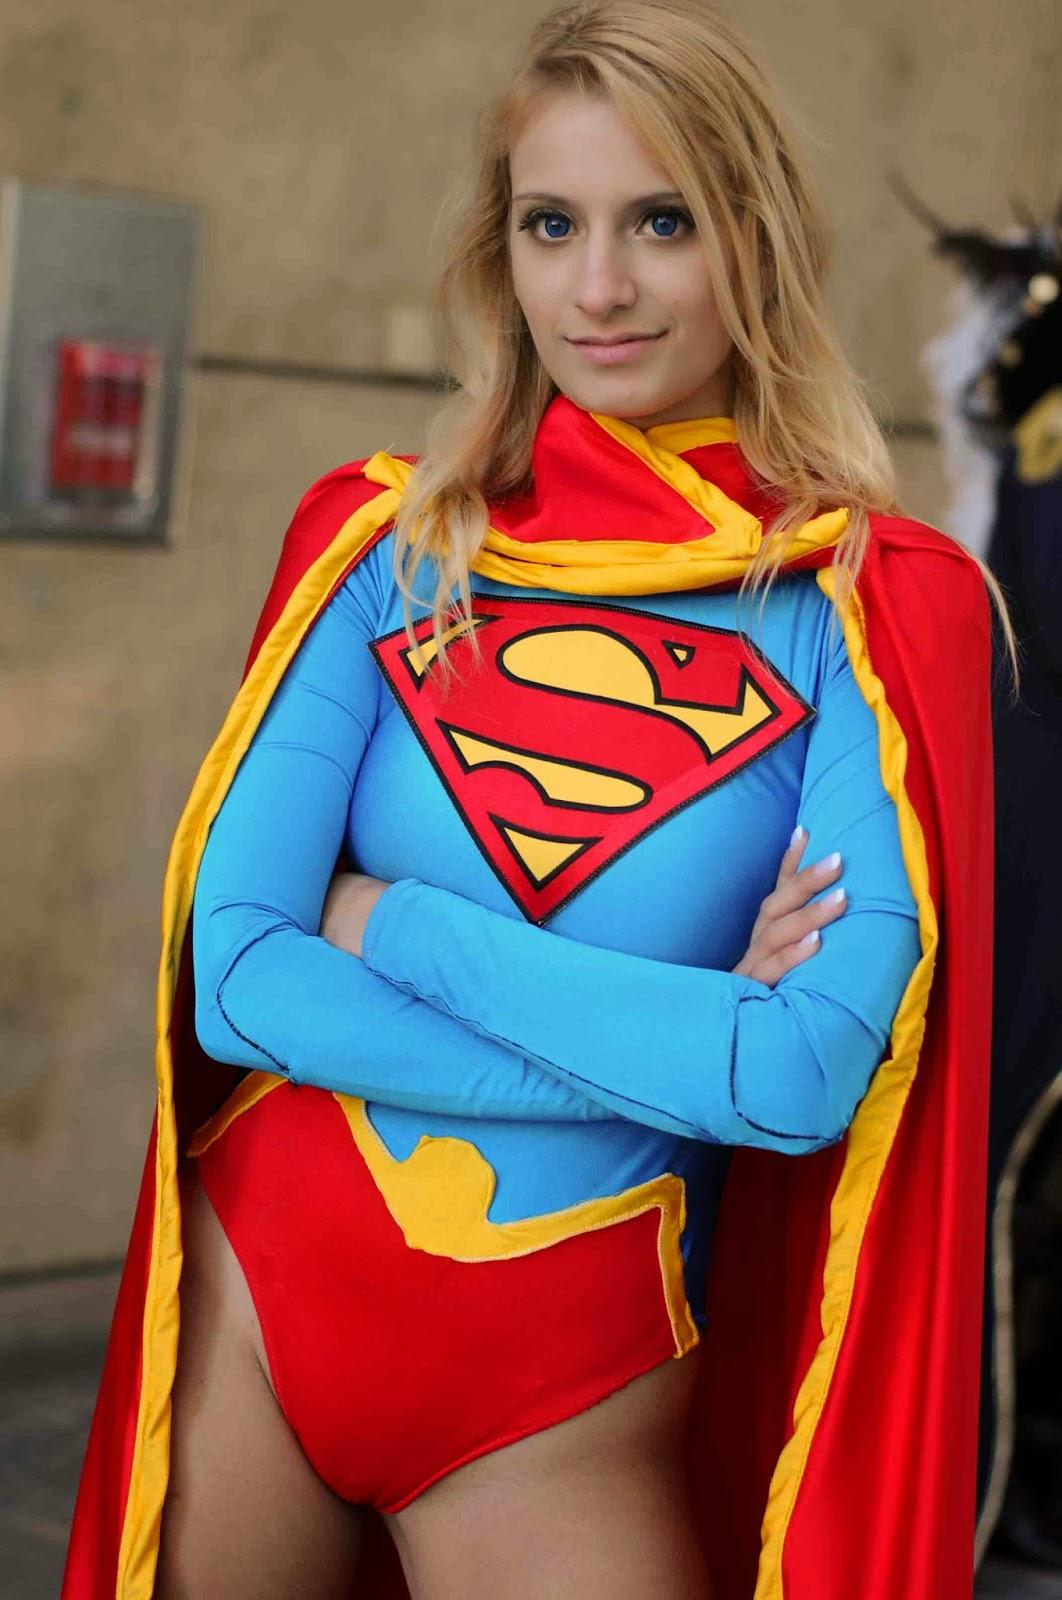 supergirl costume naked photo